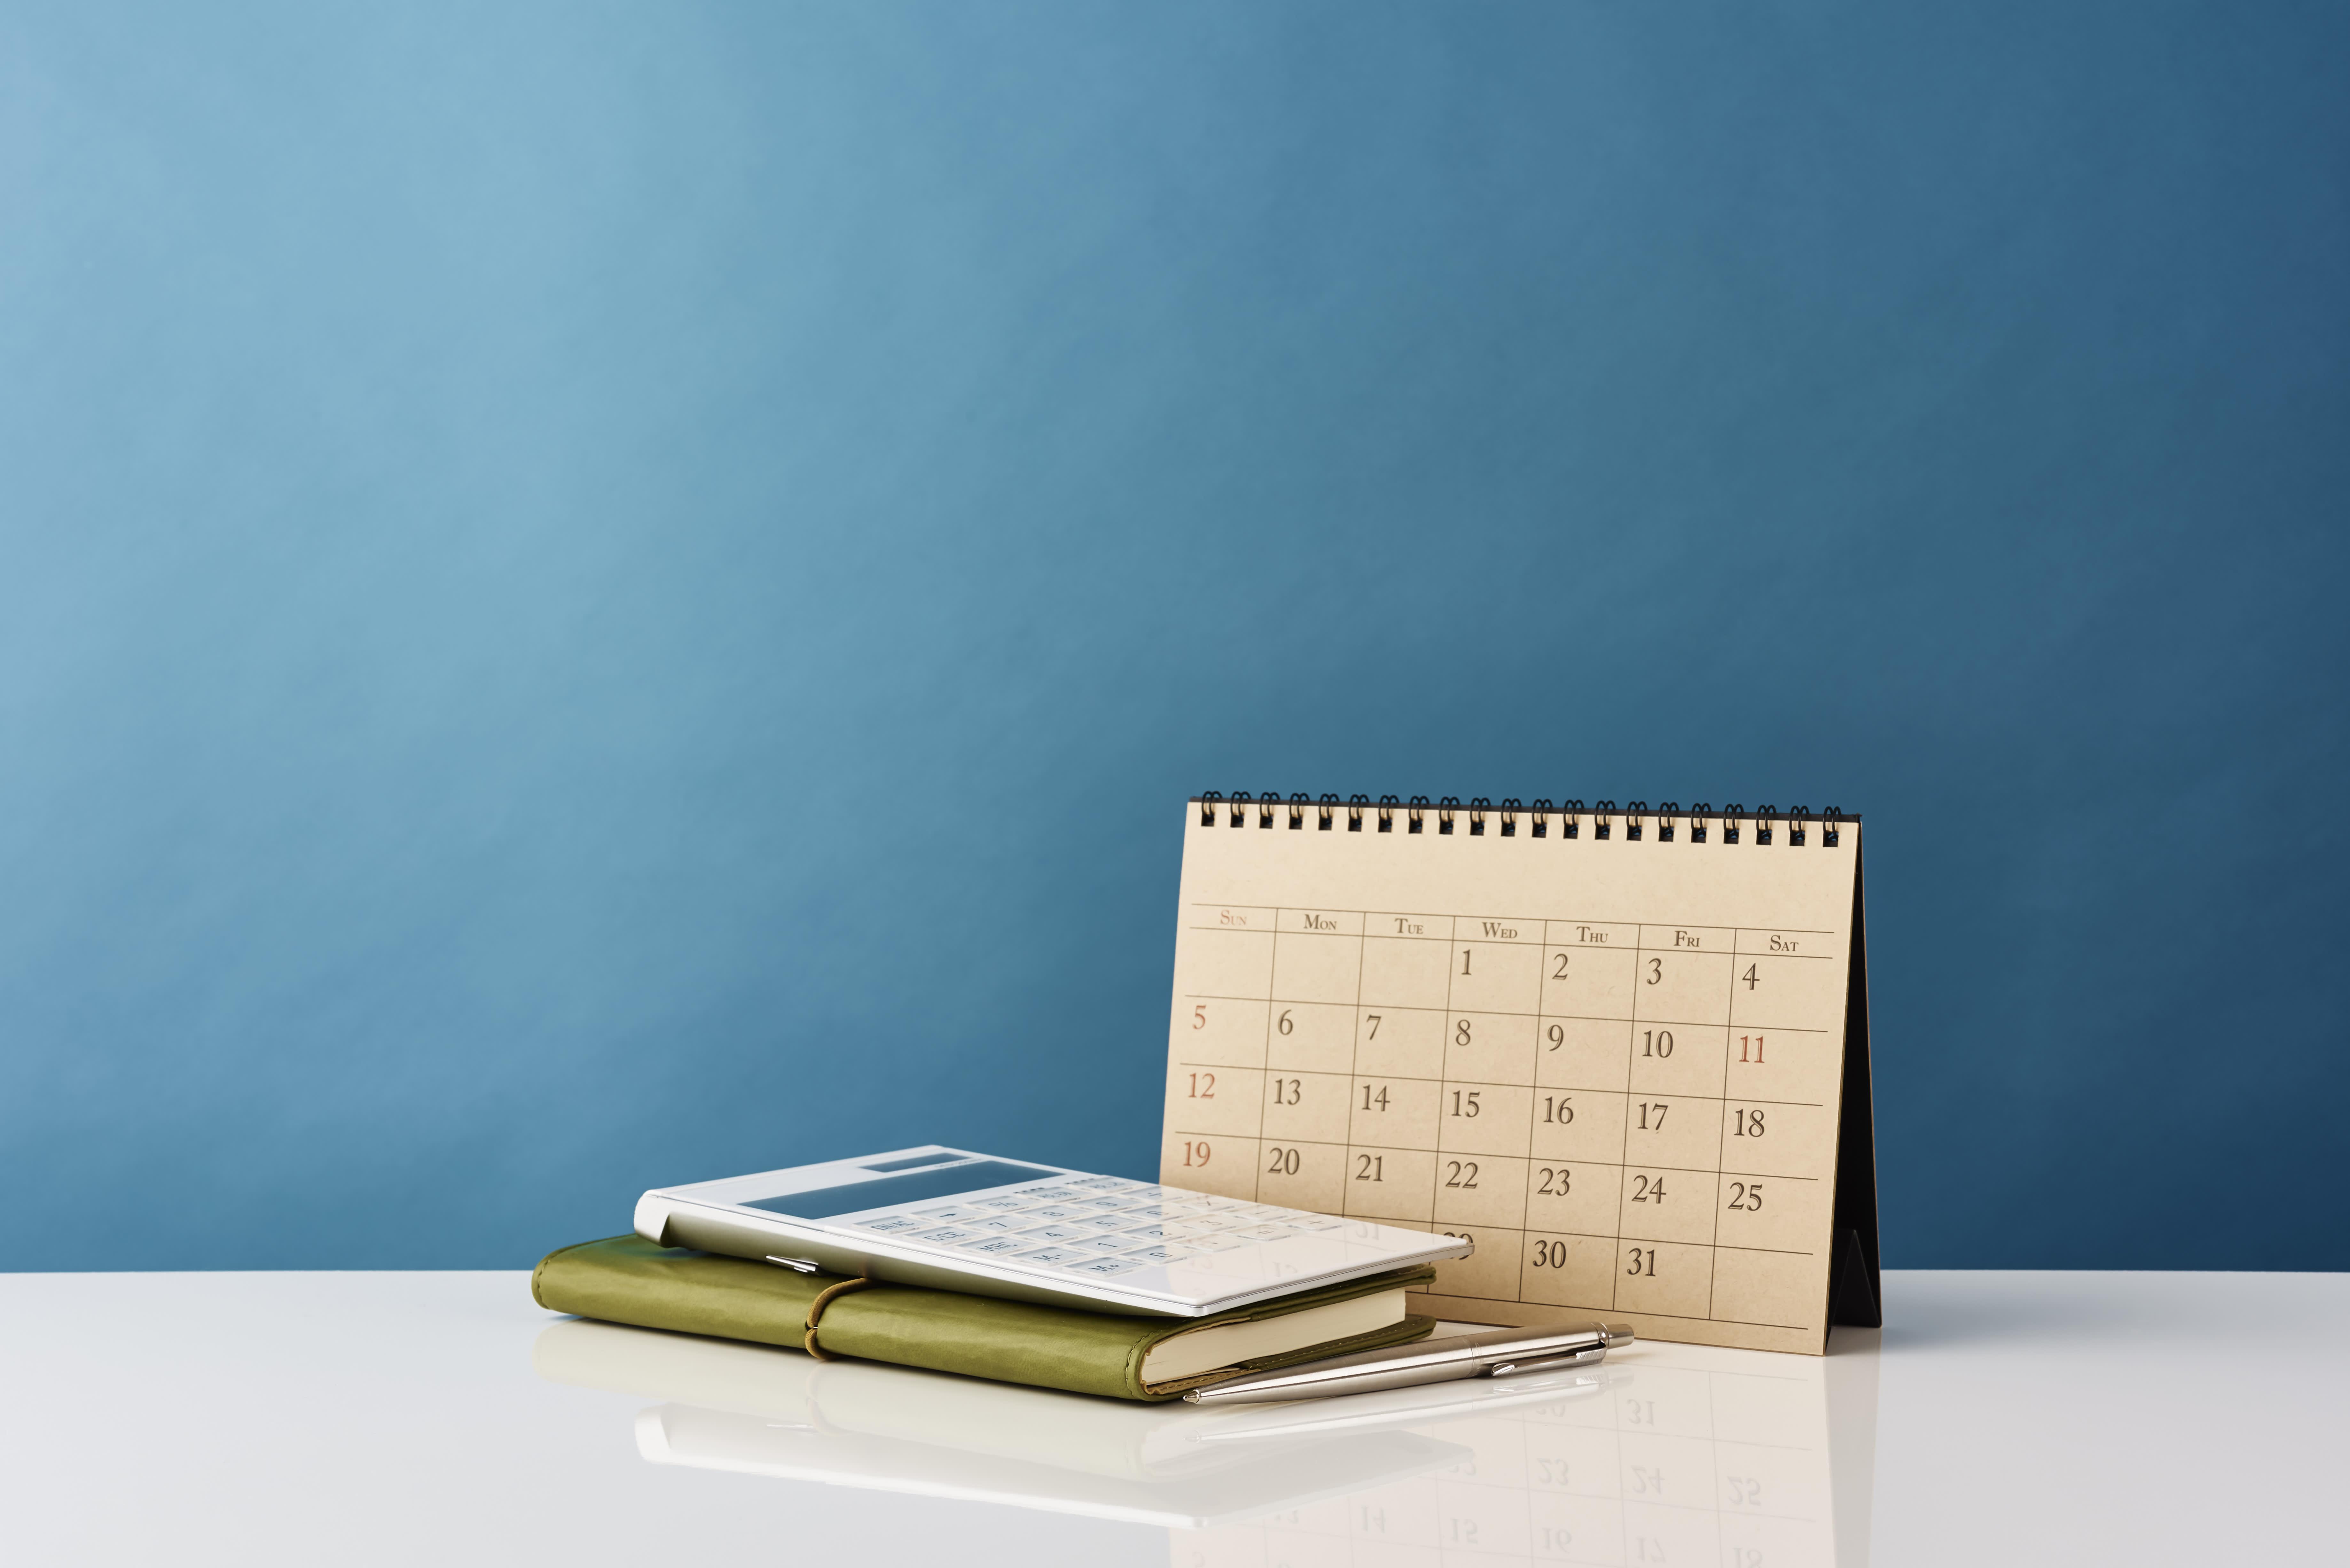 Chase 5 Cash Back Calendar 2021 Discover 5% Cash Back Calendar for 2020 and 2021